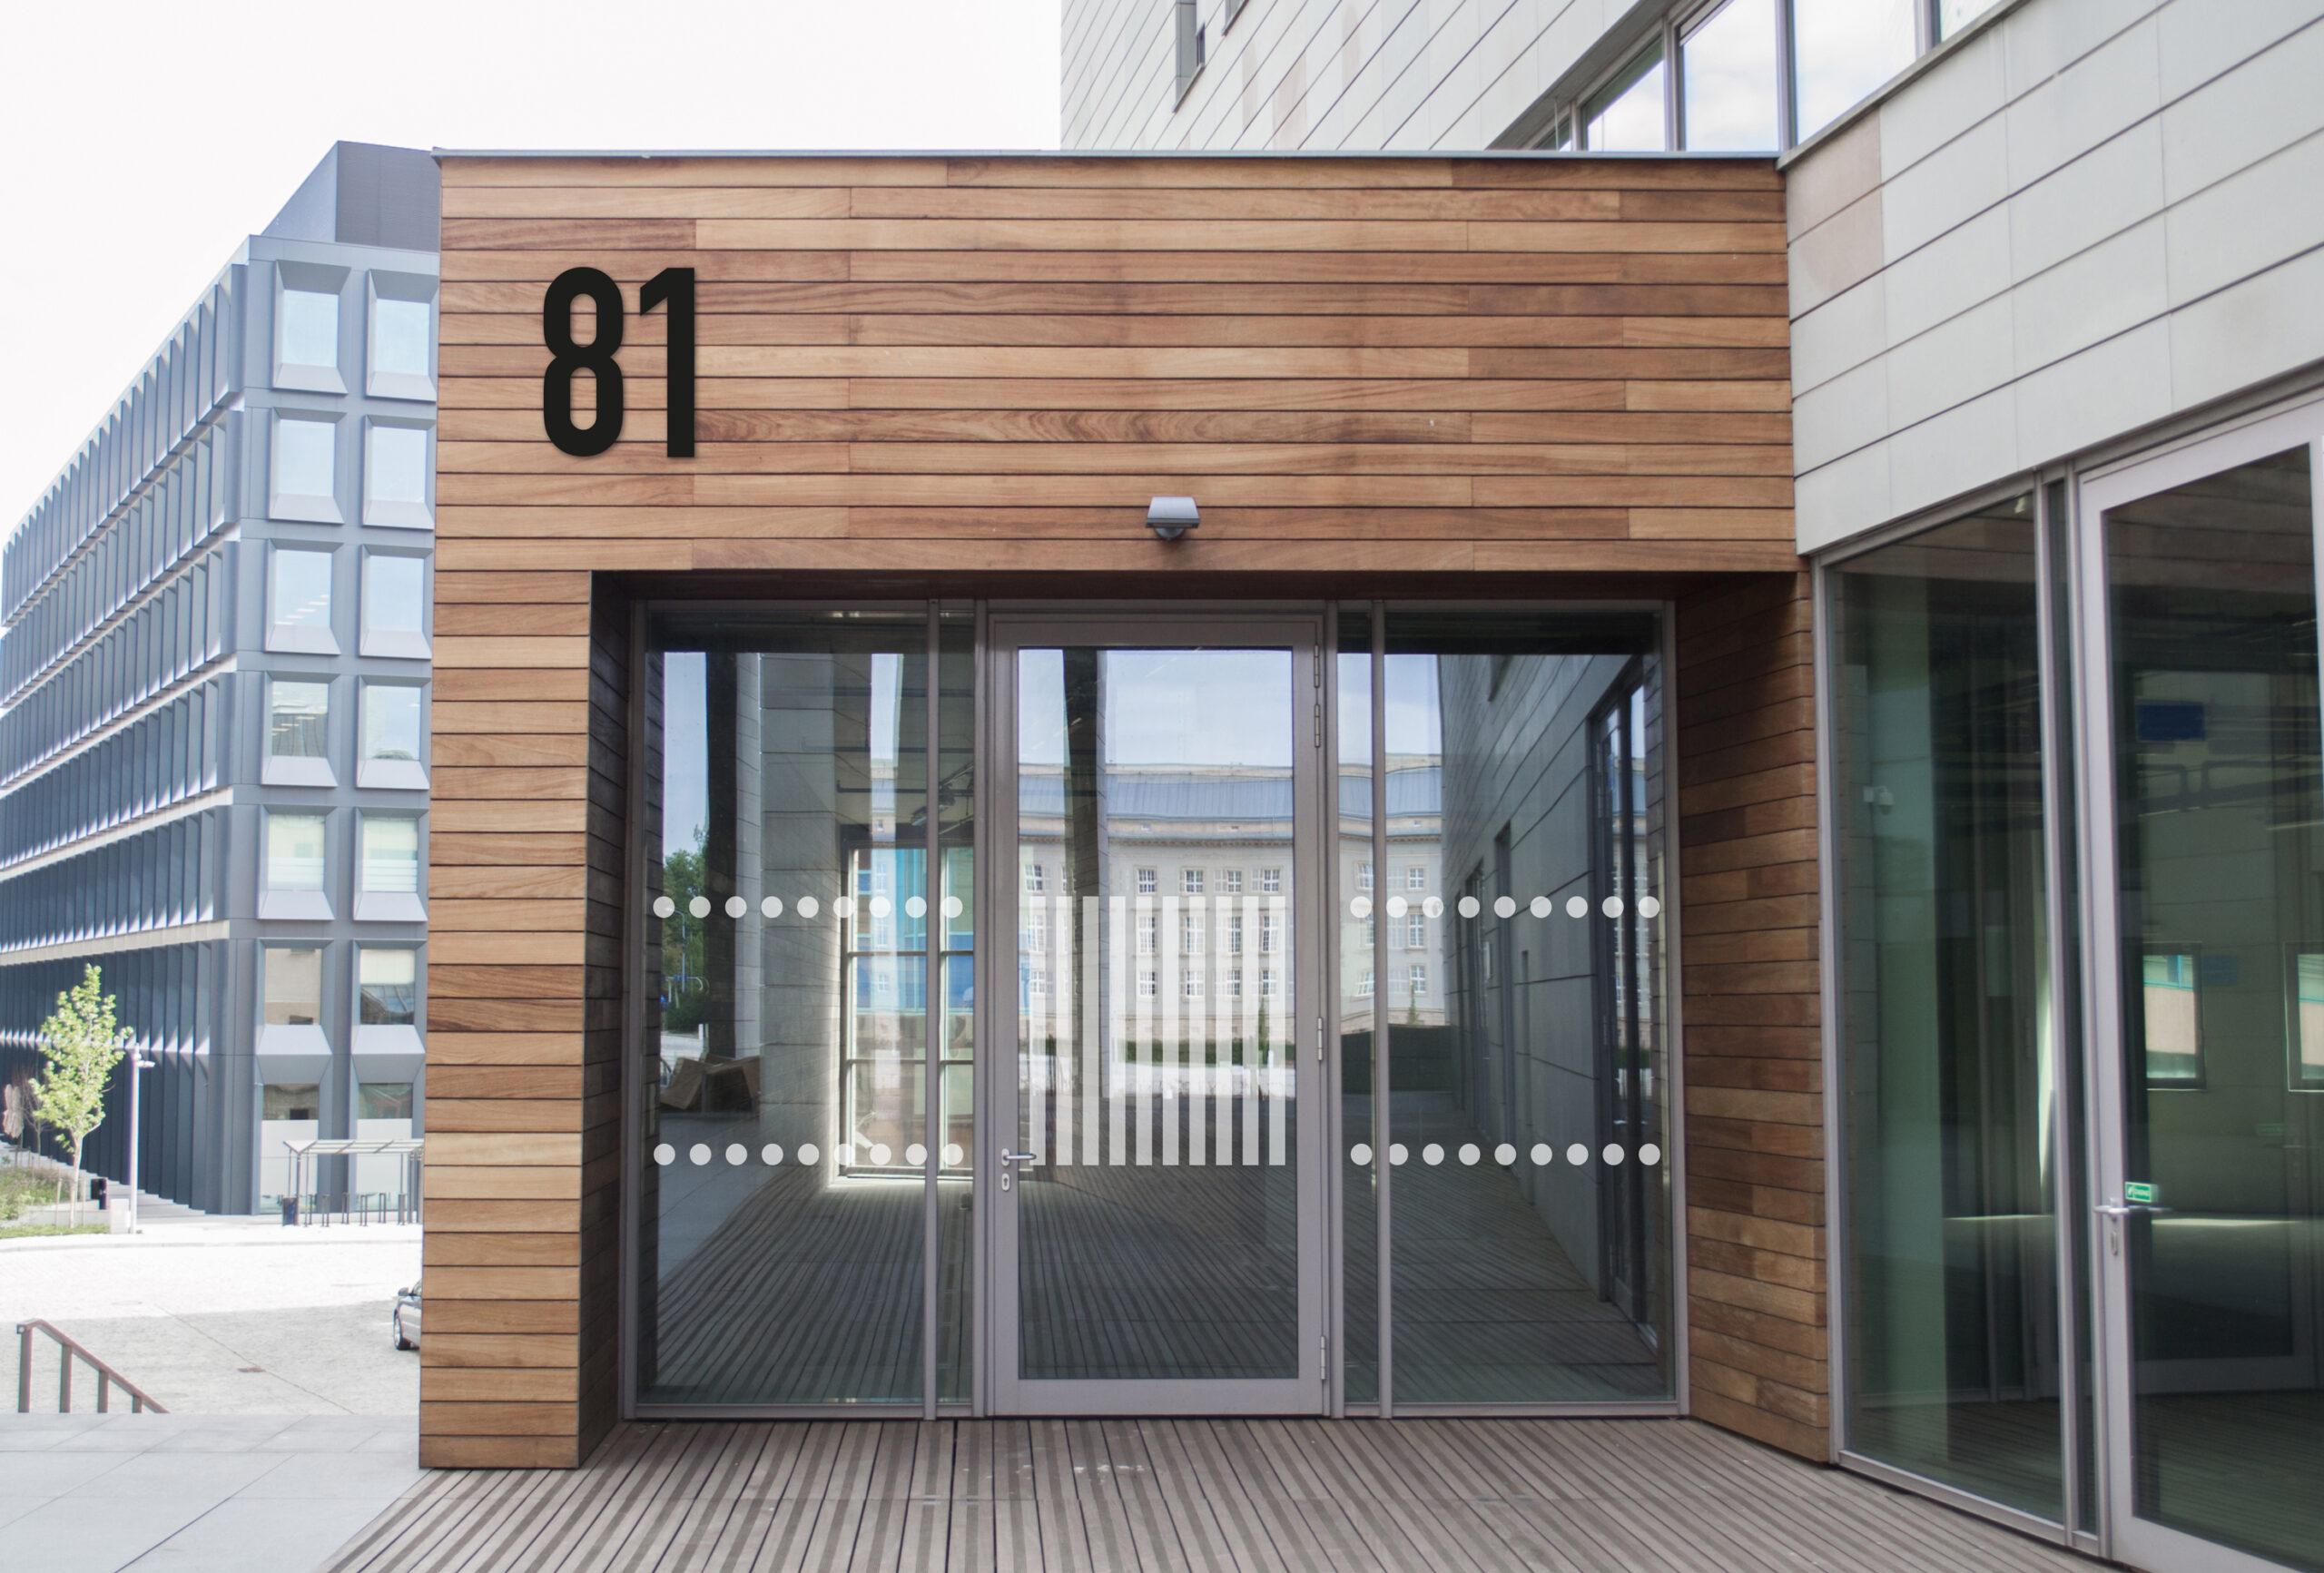 Store sorte husnummer på en husvegg.